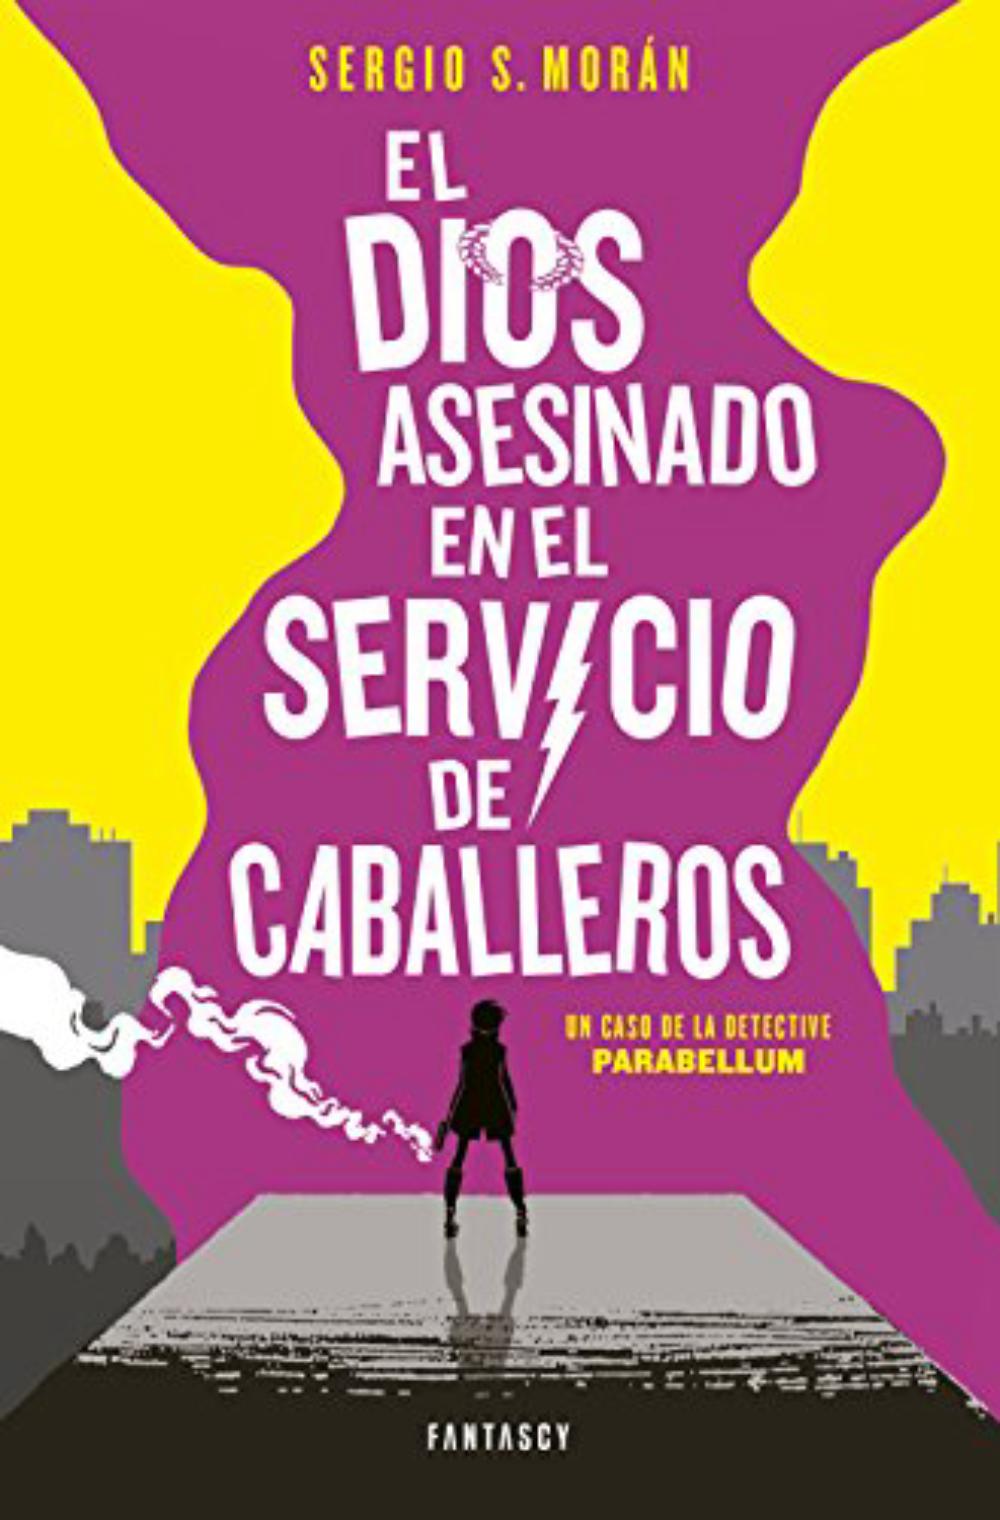 """Video Reseña: """"El Dios asesinado en el servicio de caballeros"""" de Sergio S. Morán"""